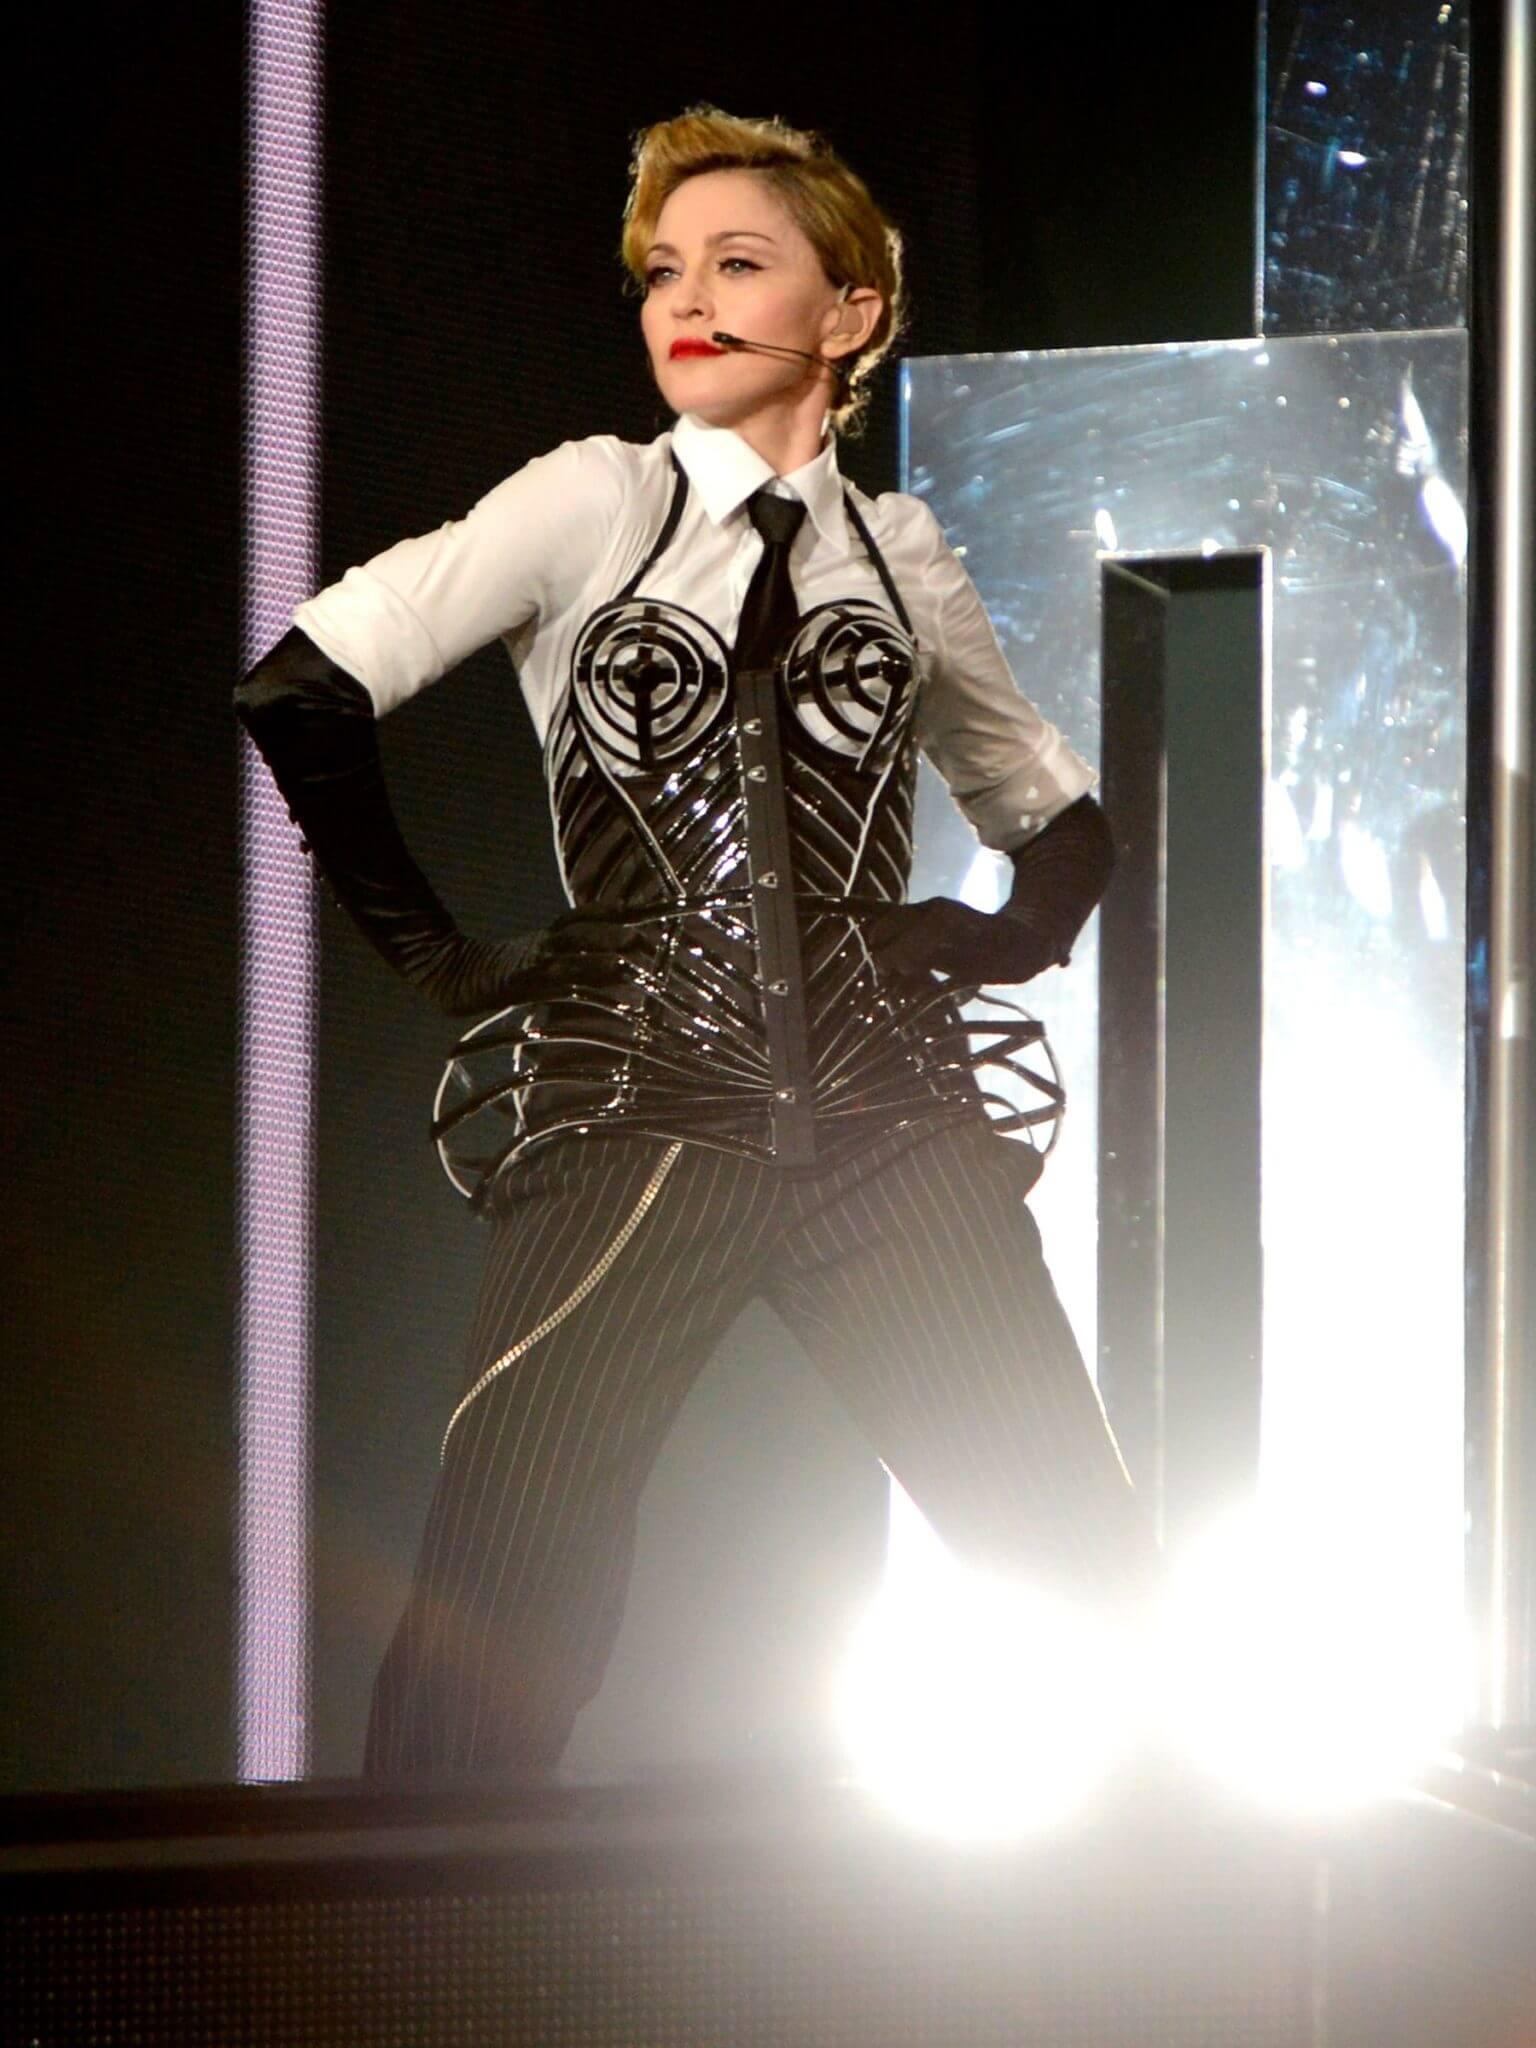 Madonna en el MDNA Tour de 2012. Fotografía: Getty Images